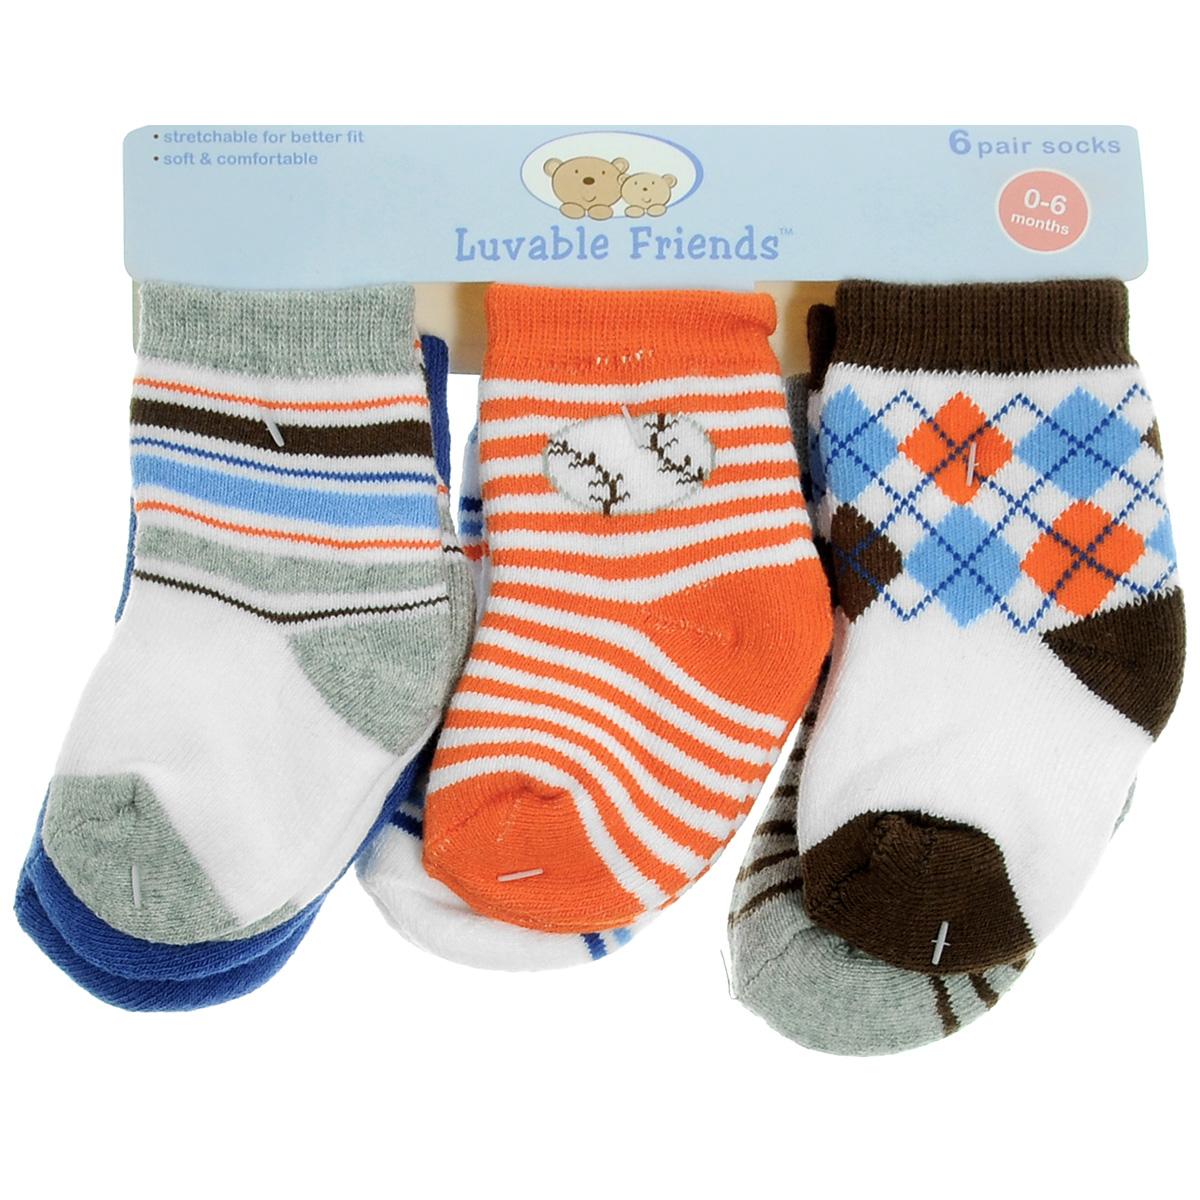 Носки детские Luvable Friends Яркий принт, цвет: синий, белый, серый, оранжевый, 6 пар. 26110. Размер 55/67, 0-6 месяцев